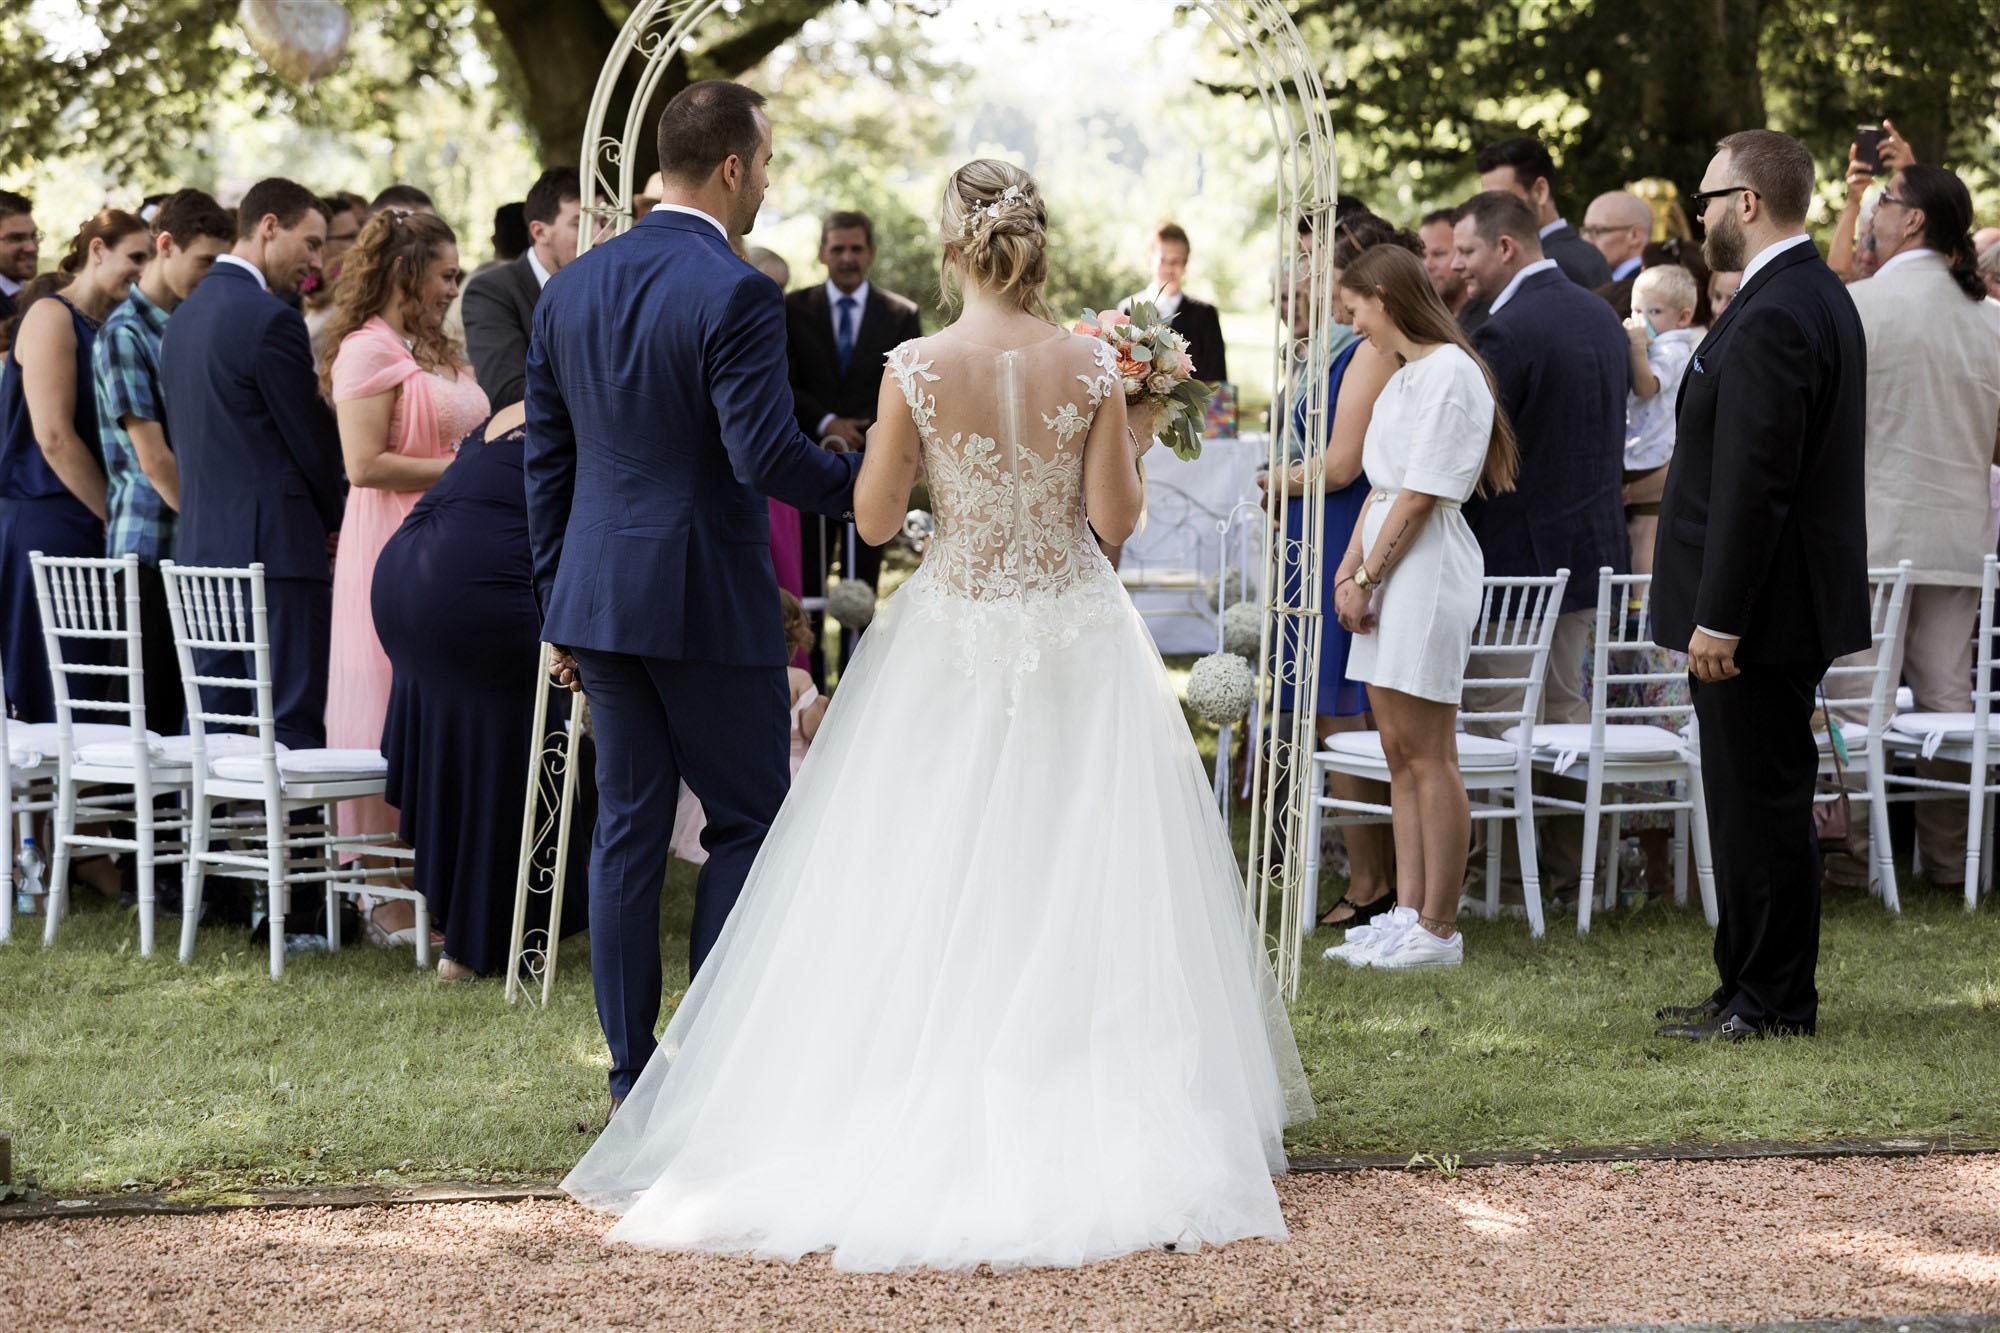 Freie Trauung im Hirzen Pavillon - Der Einzug des Brautpaares - Hochzeitsfotograf Basel